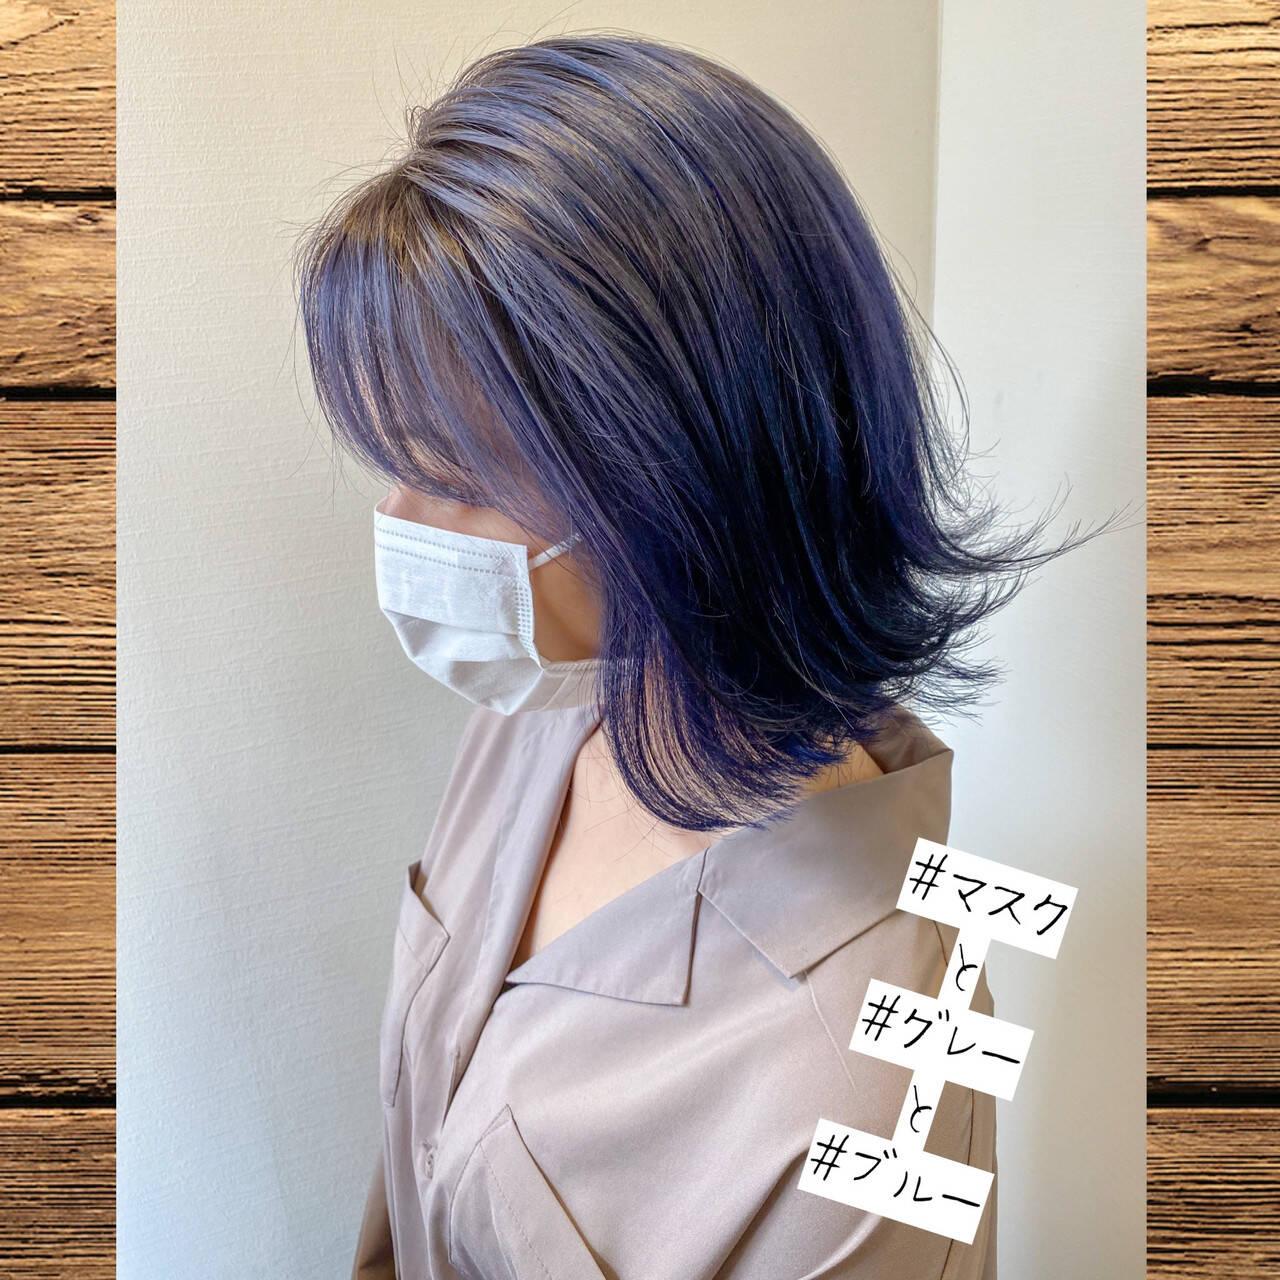 ブルー モード ブリーチオンカラー グレーヘアスタイルや髪型の写真・画像